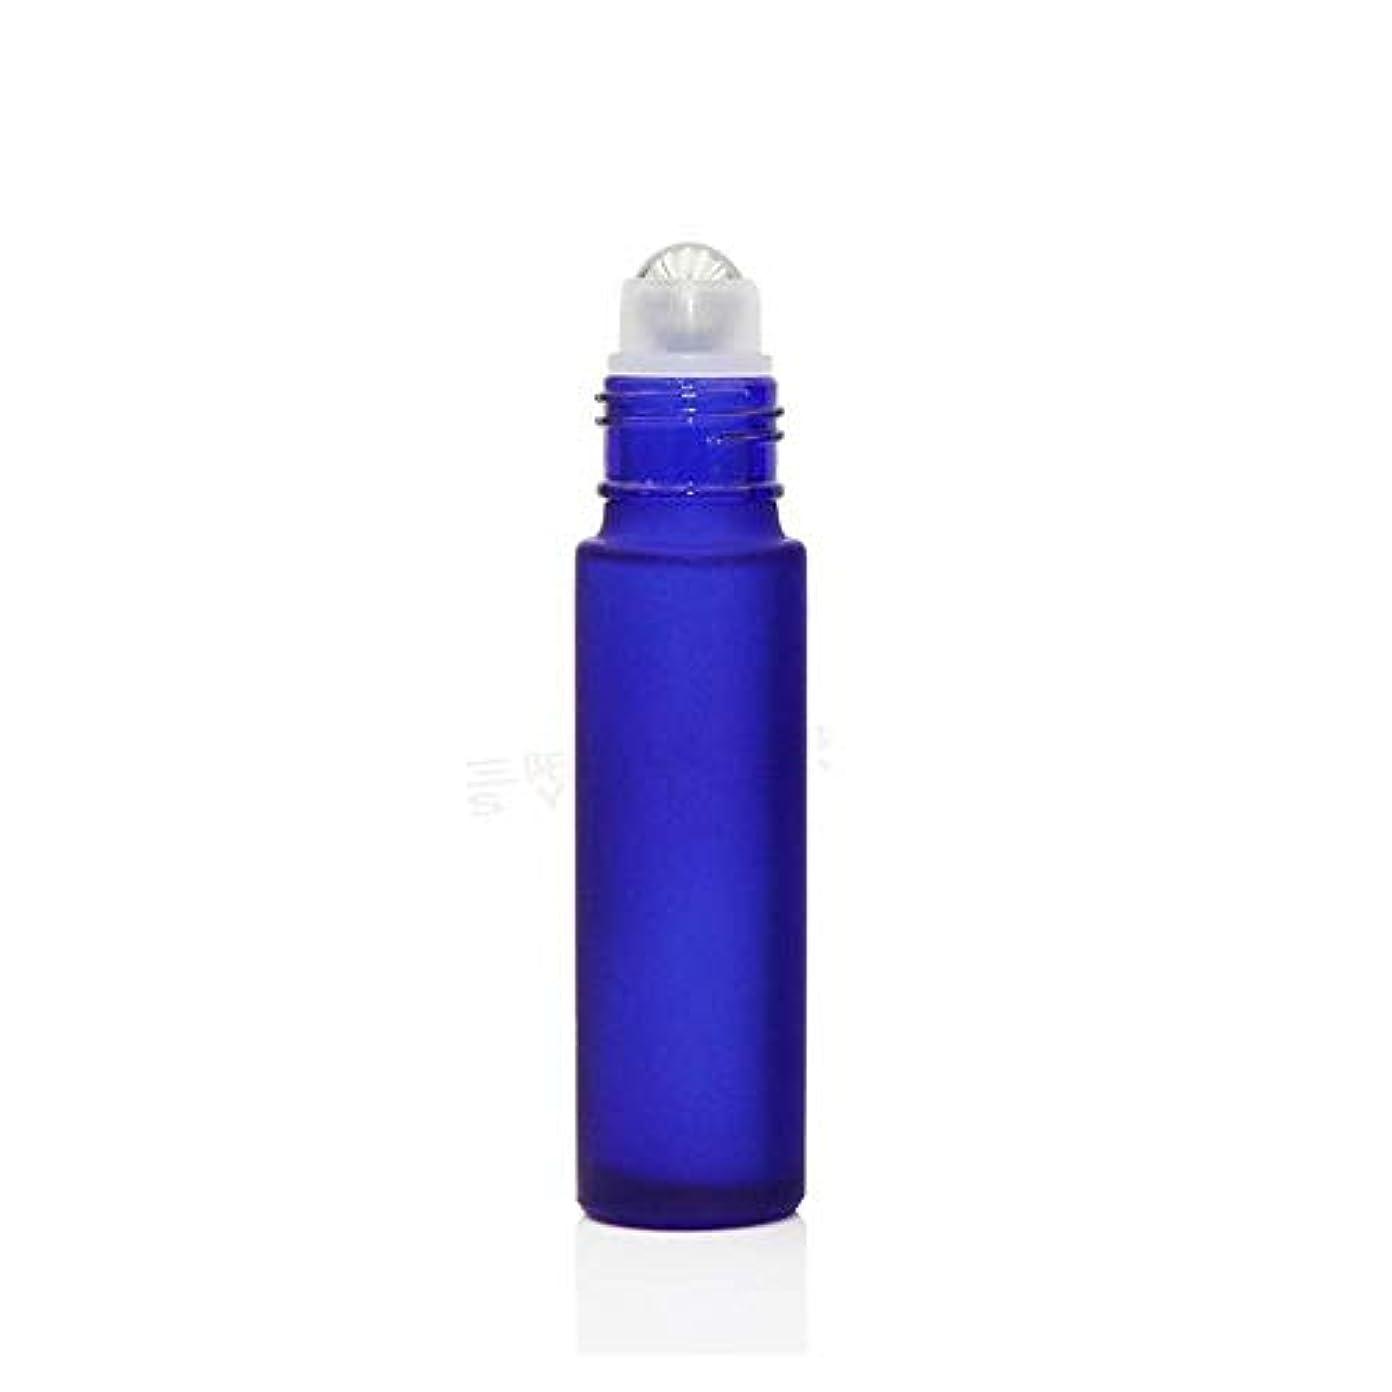 好きである銅観察gundoop ロールオンボトル アロマオイル 精油 小分け用 遮光瓶 10ml 10本セット ガラスロールタイプ (ブルー)